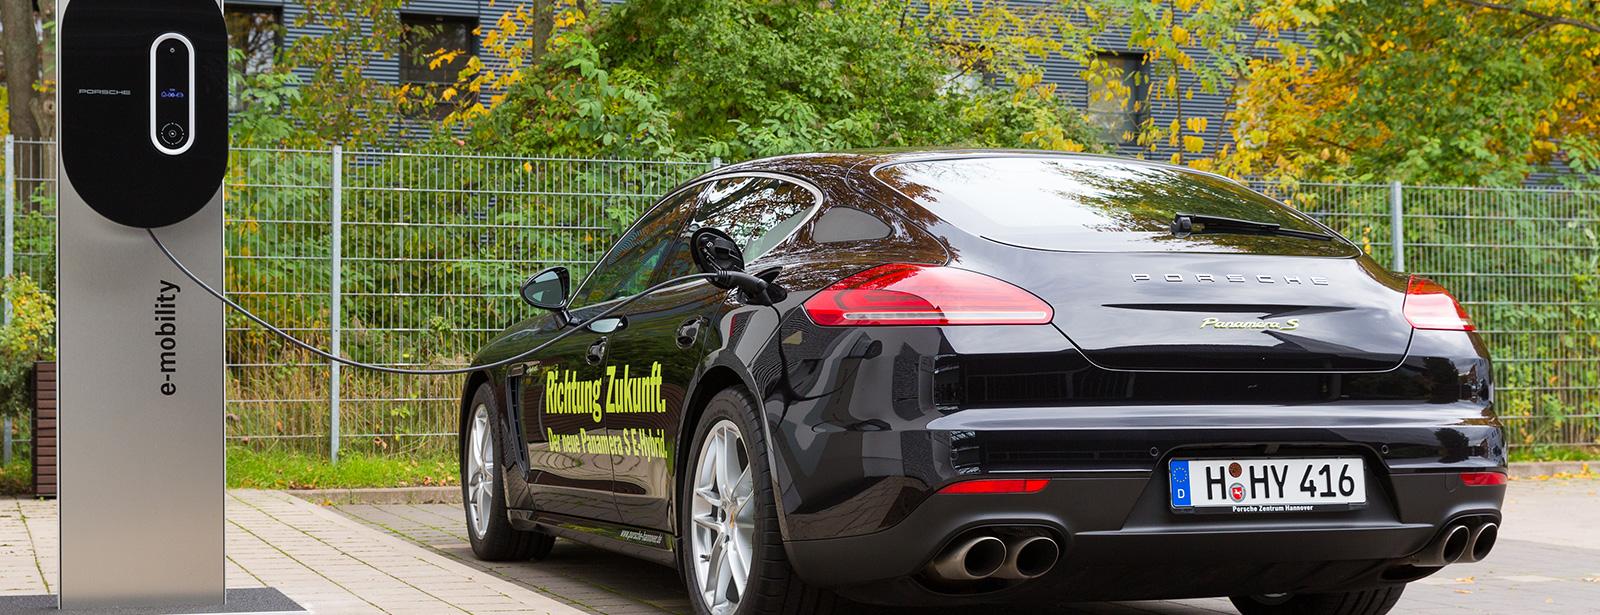 Porsche E-Mobility